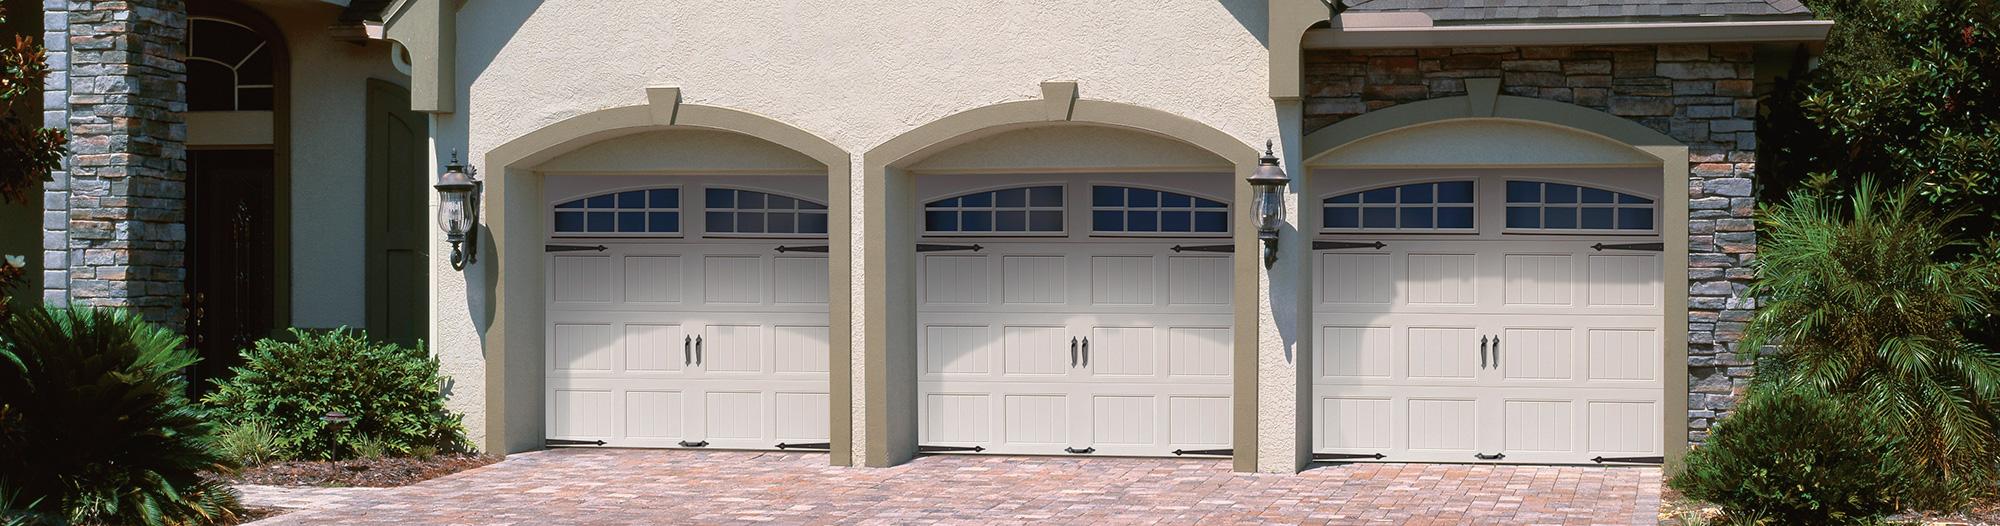 Marlton Nj Garage Door Experts Garage Door Repair Nj throughout proportions 2000 X 526